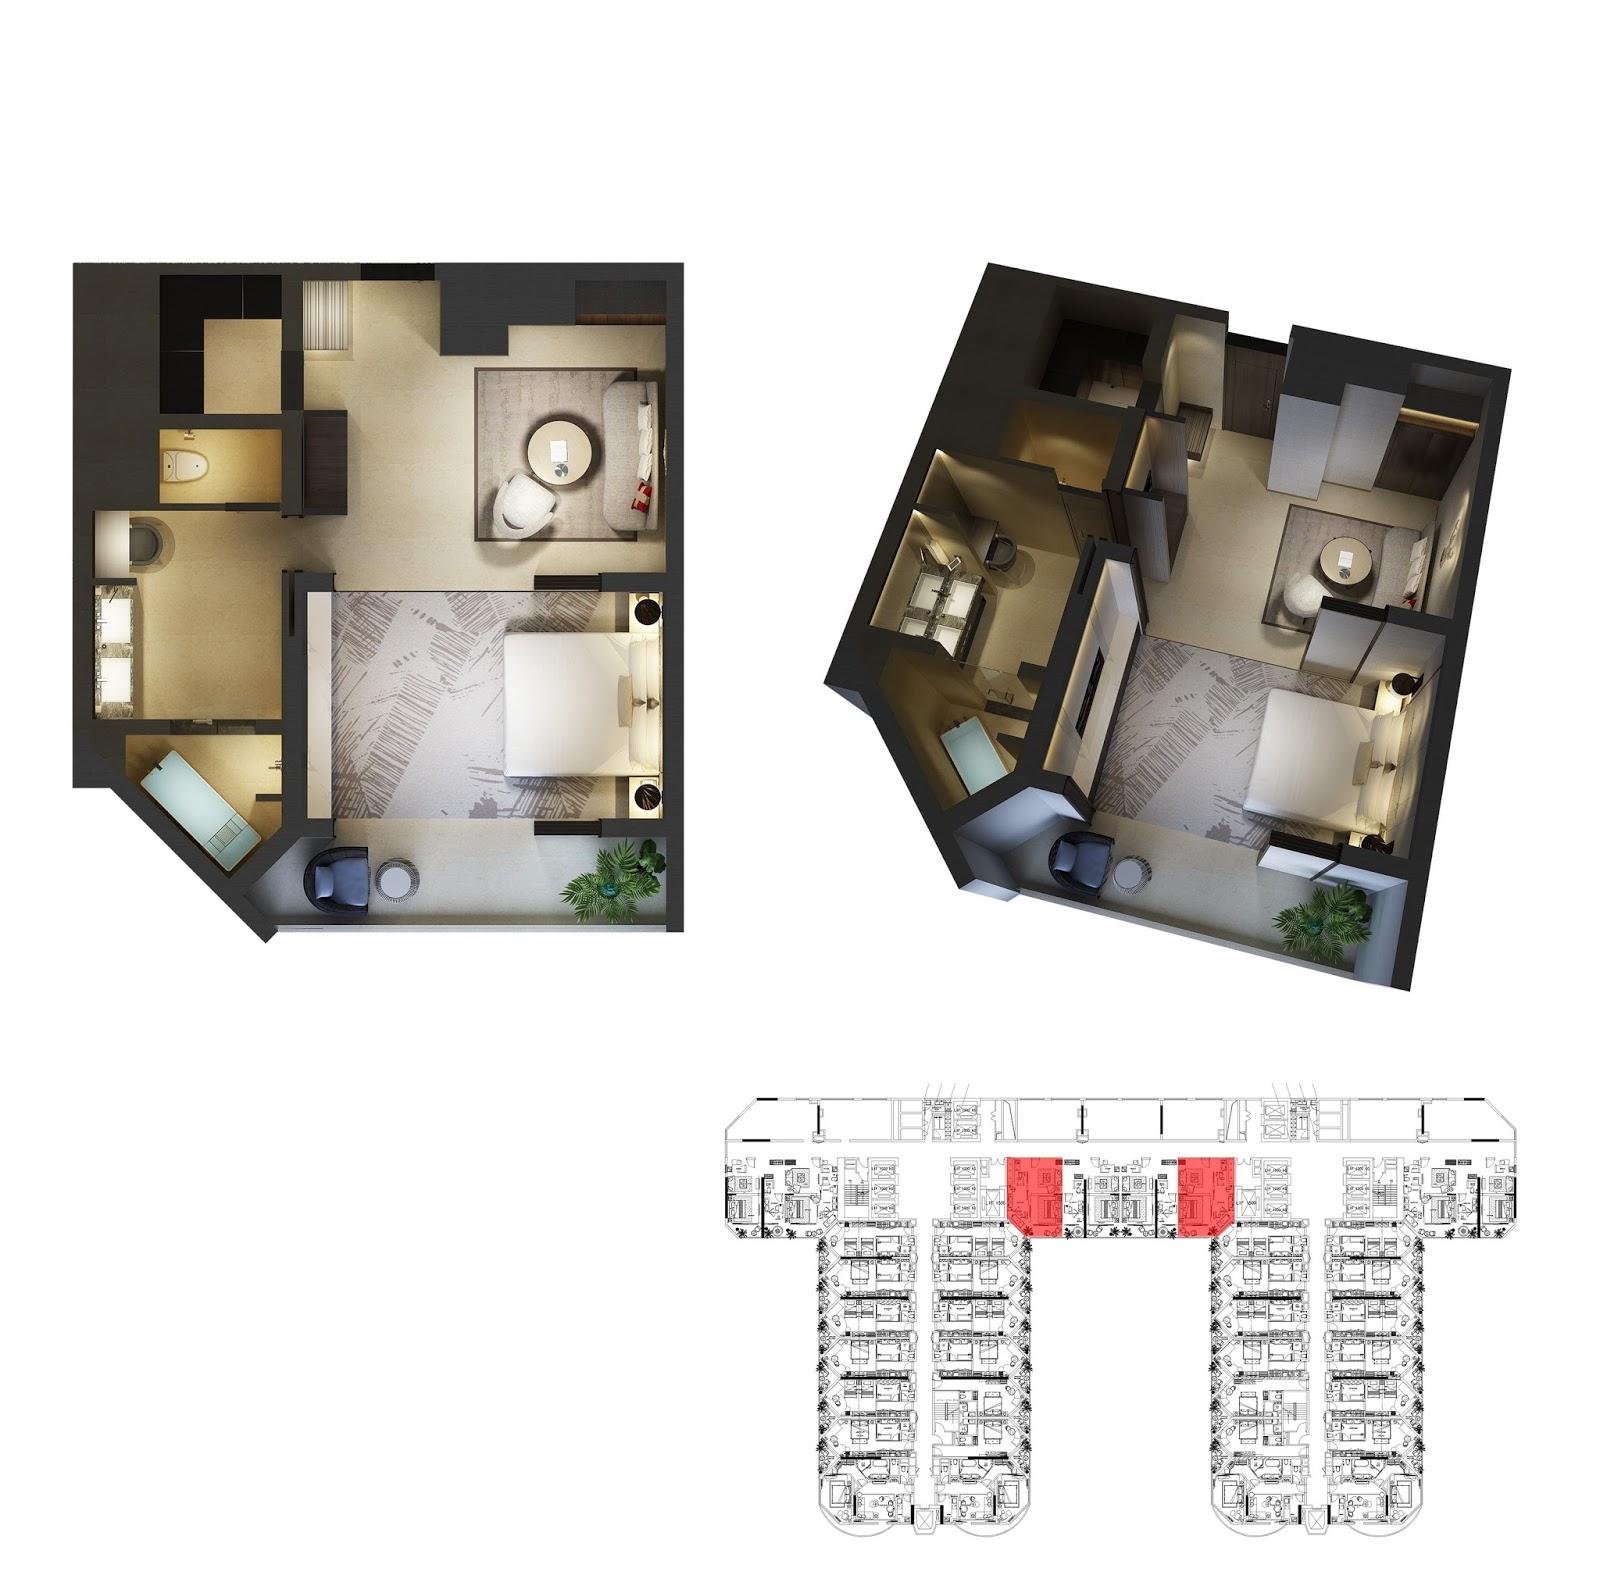 Thiết kế căn hộ số 4 Swisstouches  Nhatrang